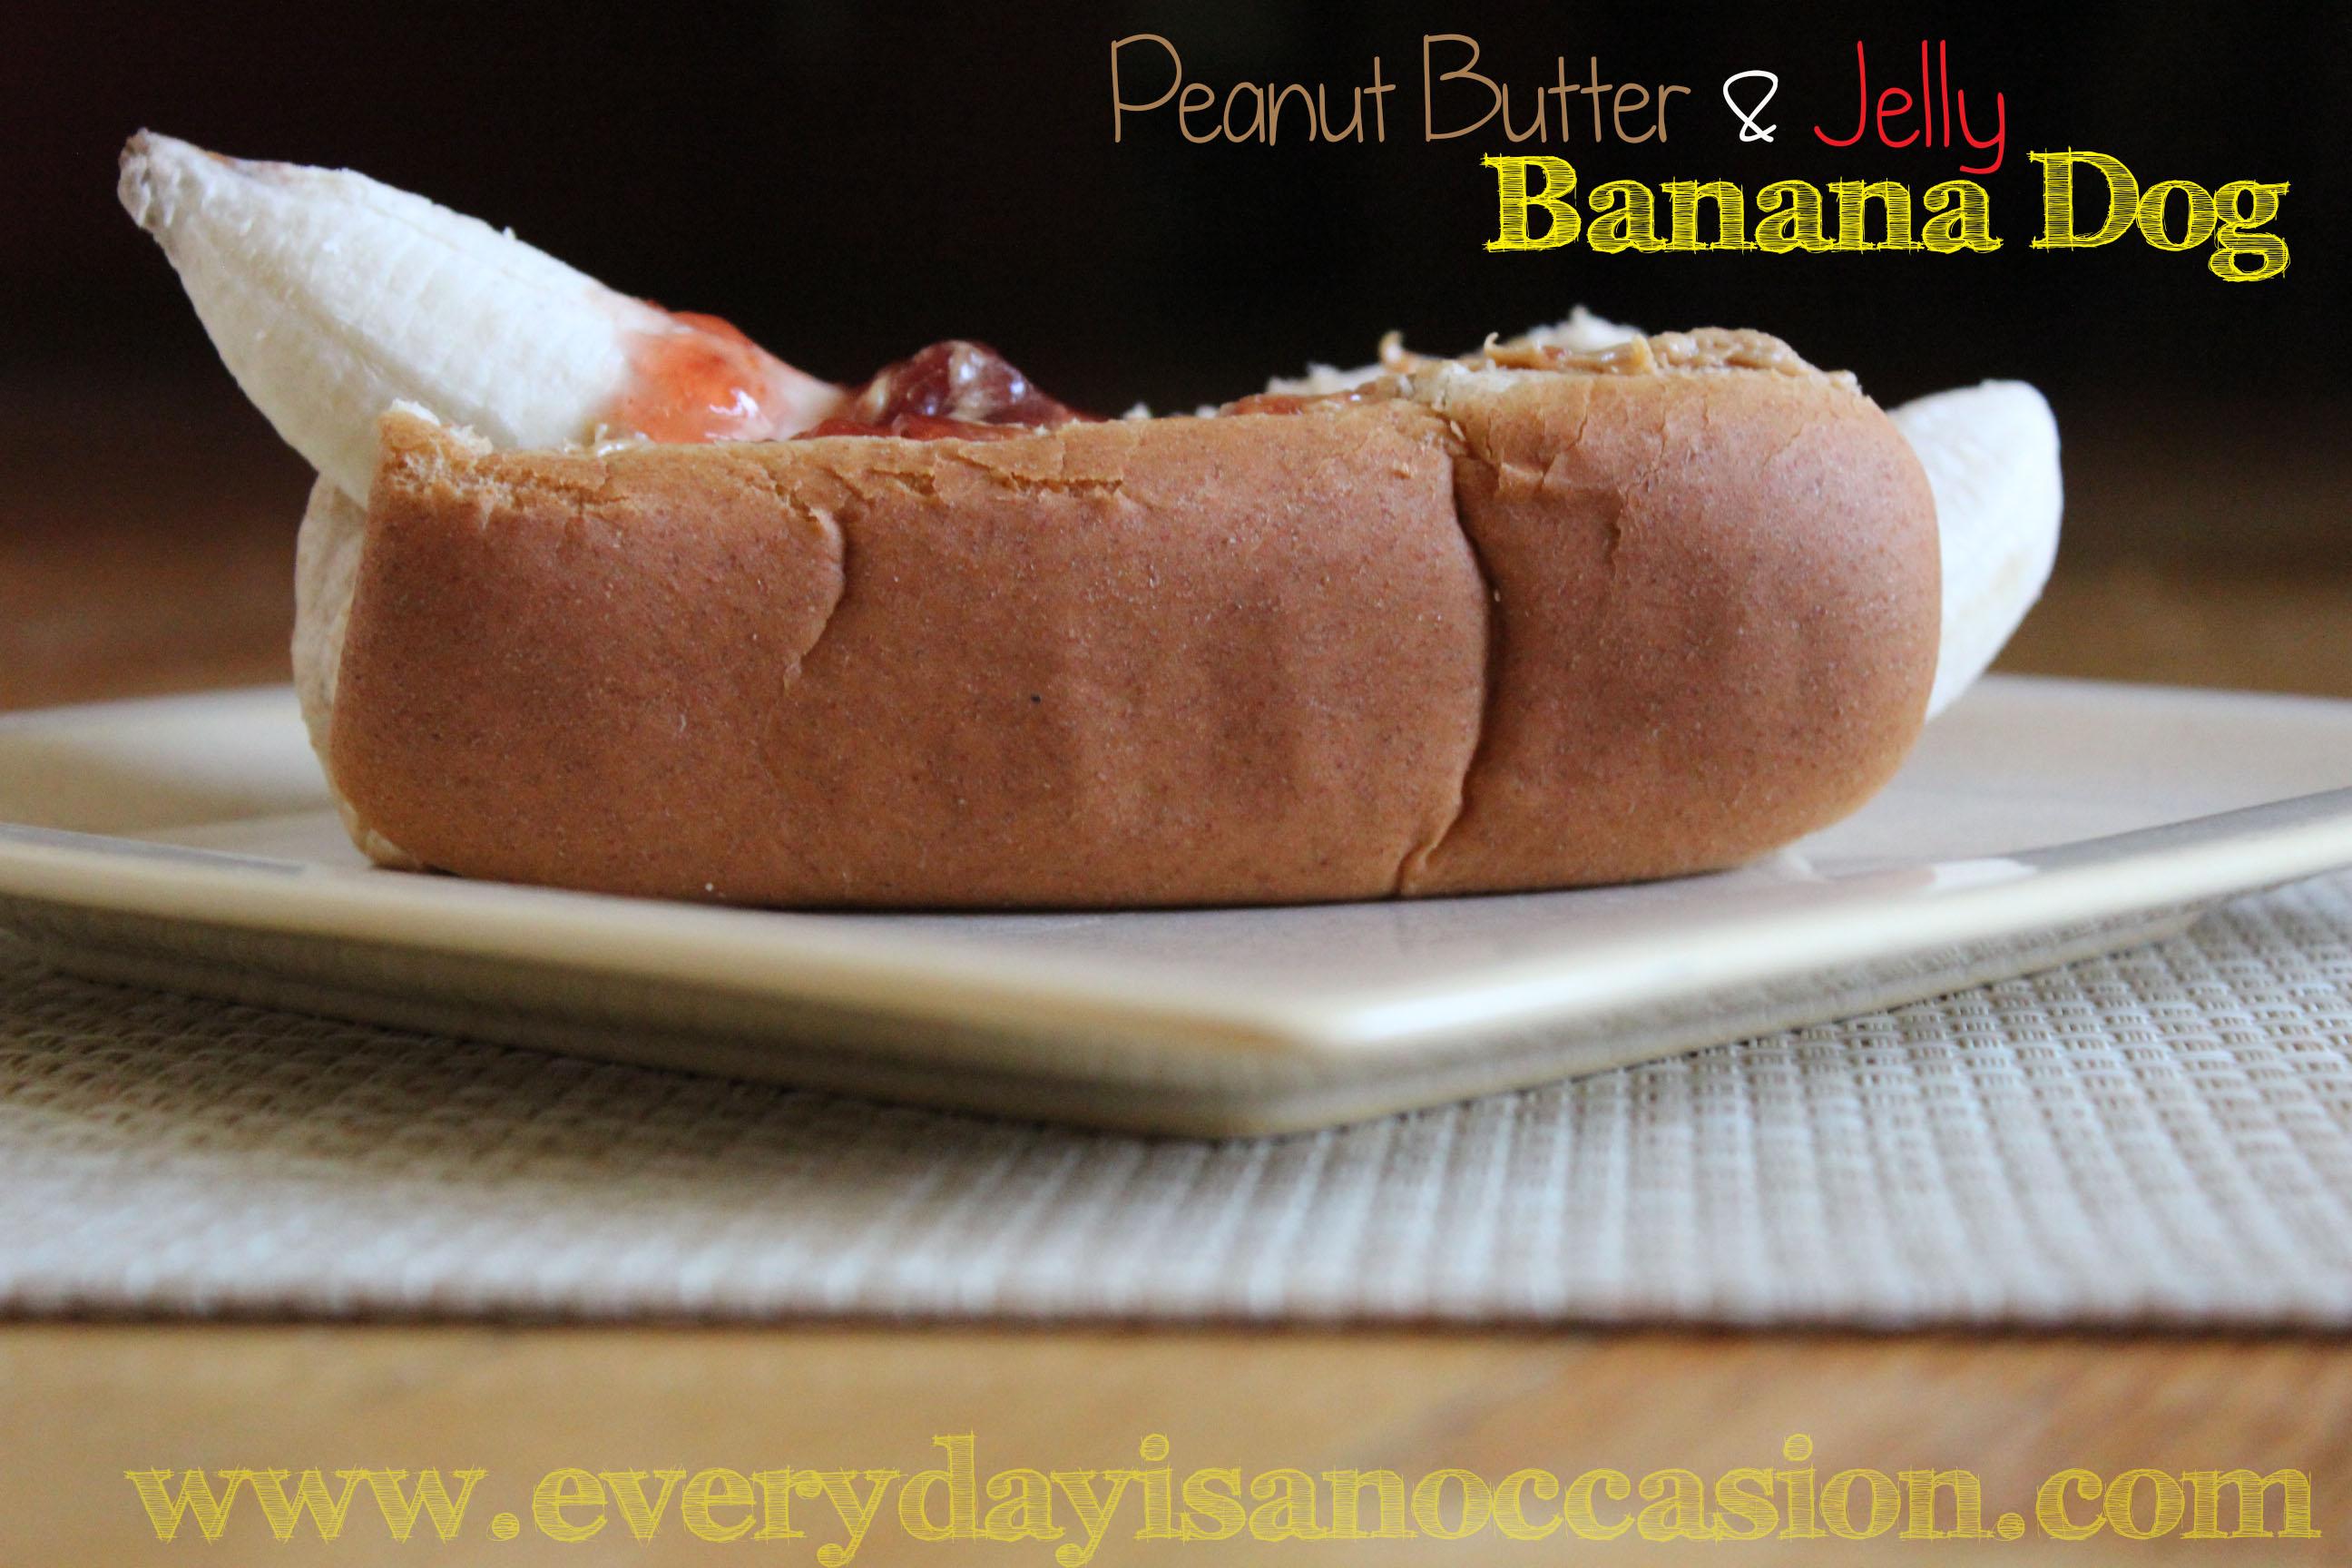 Baby Weiner Dog In Hot Dog Bun Banana inside a hotdog bun